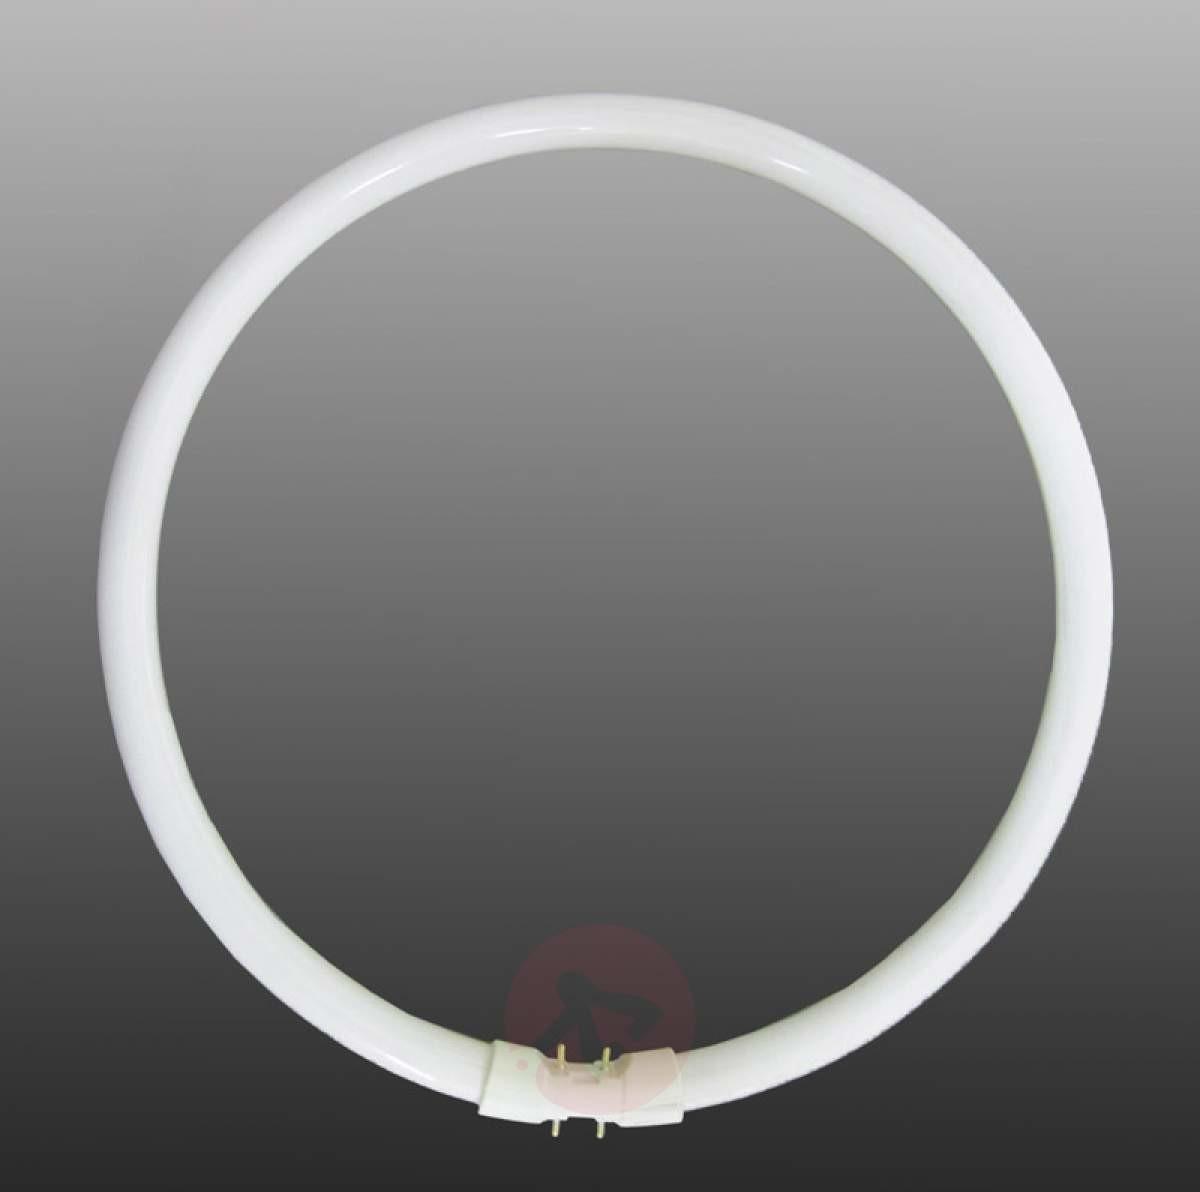 Sylvania Świetlówka kołowa GX13 T5 40 W, uniwersalna biel